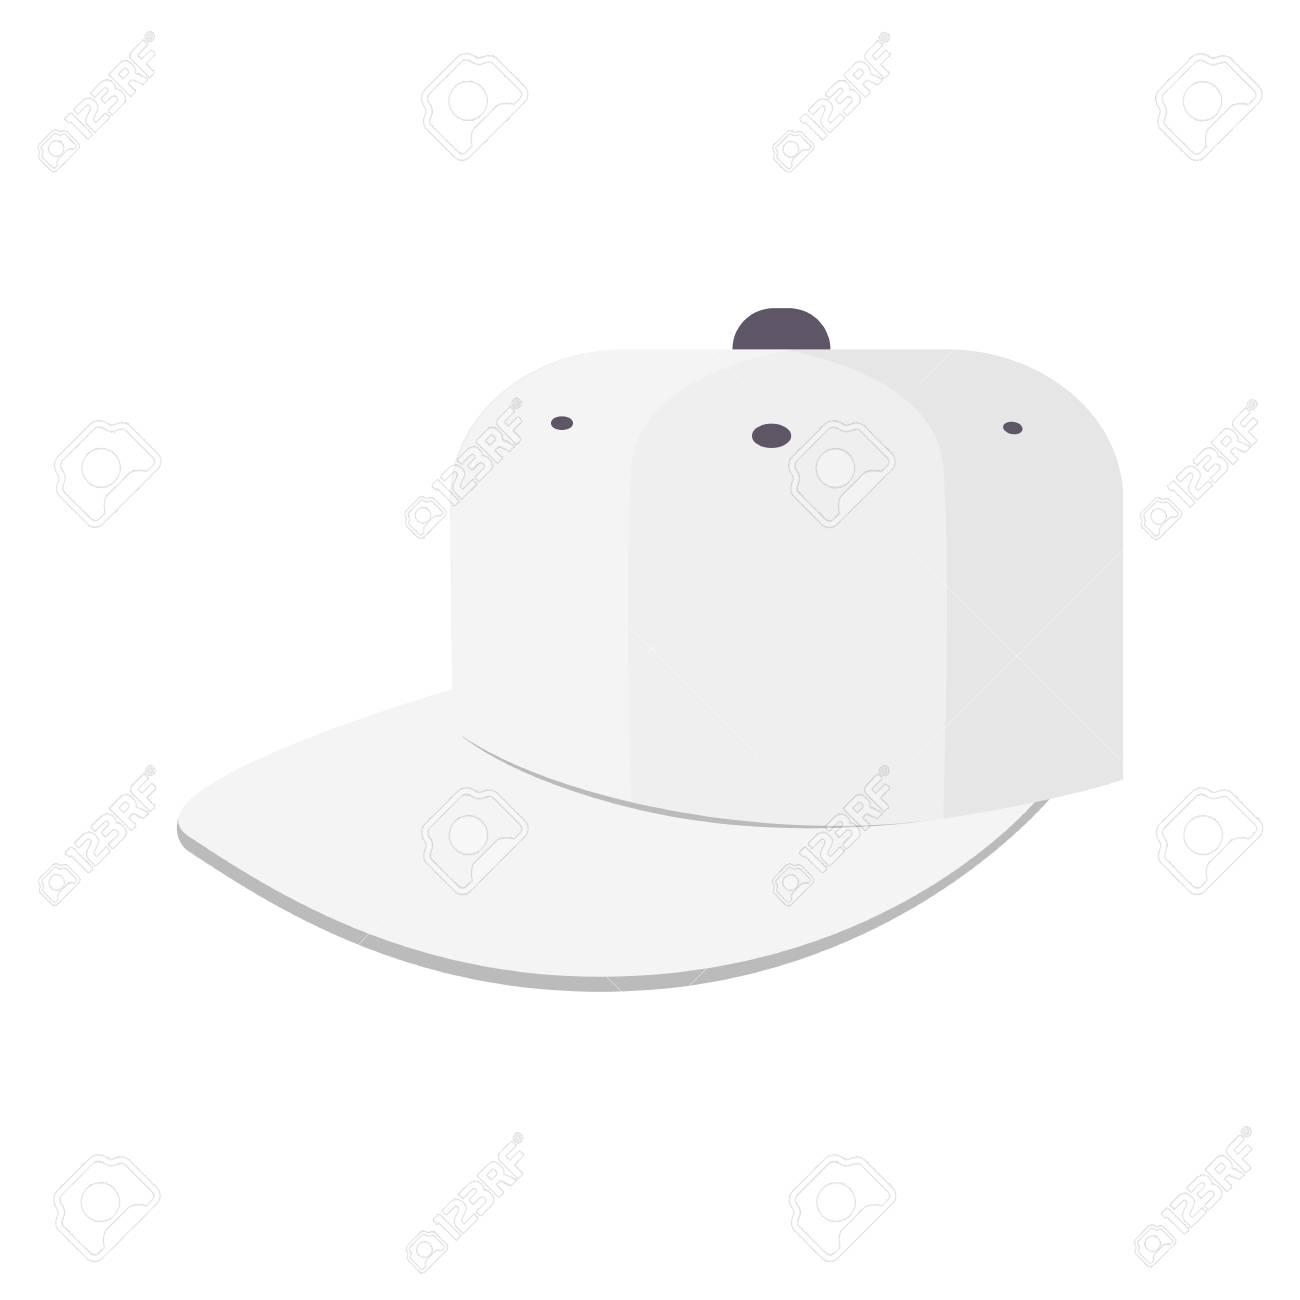 Archivio Fotografico - Icona del cappello da baseball del fumetto isolato su  priorità bassa bianca 3593197e7a29